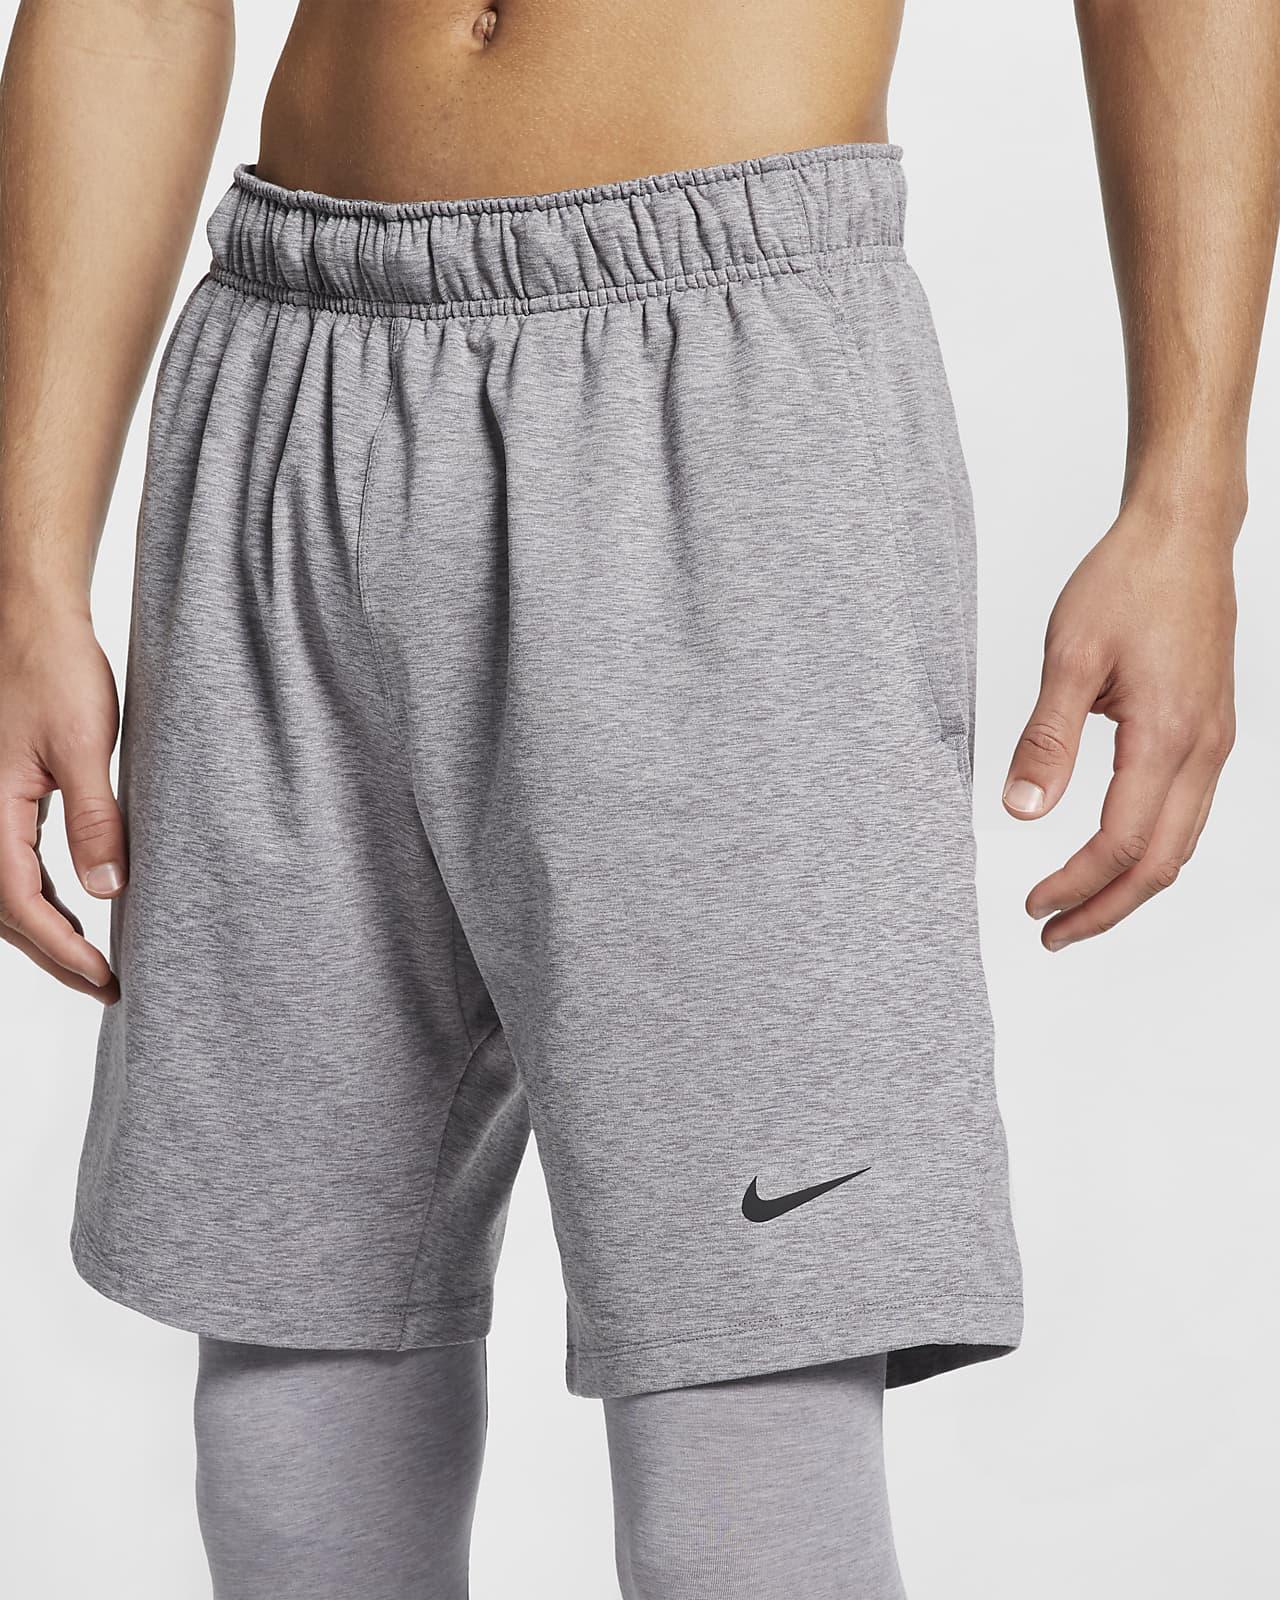 Nike Dri-FIT Pantalons curts d'entrenament de ioga - Home